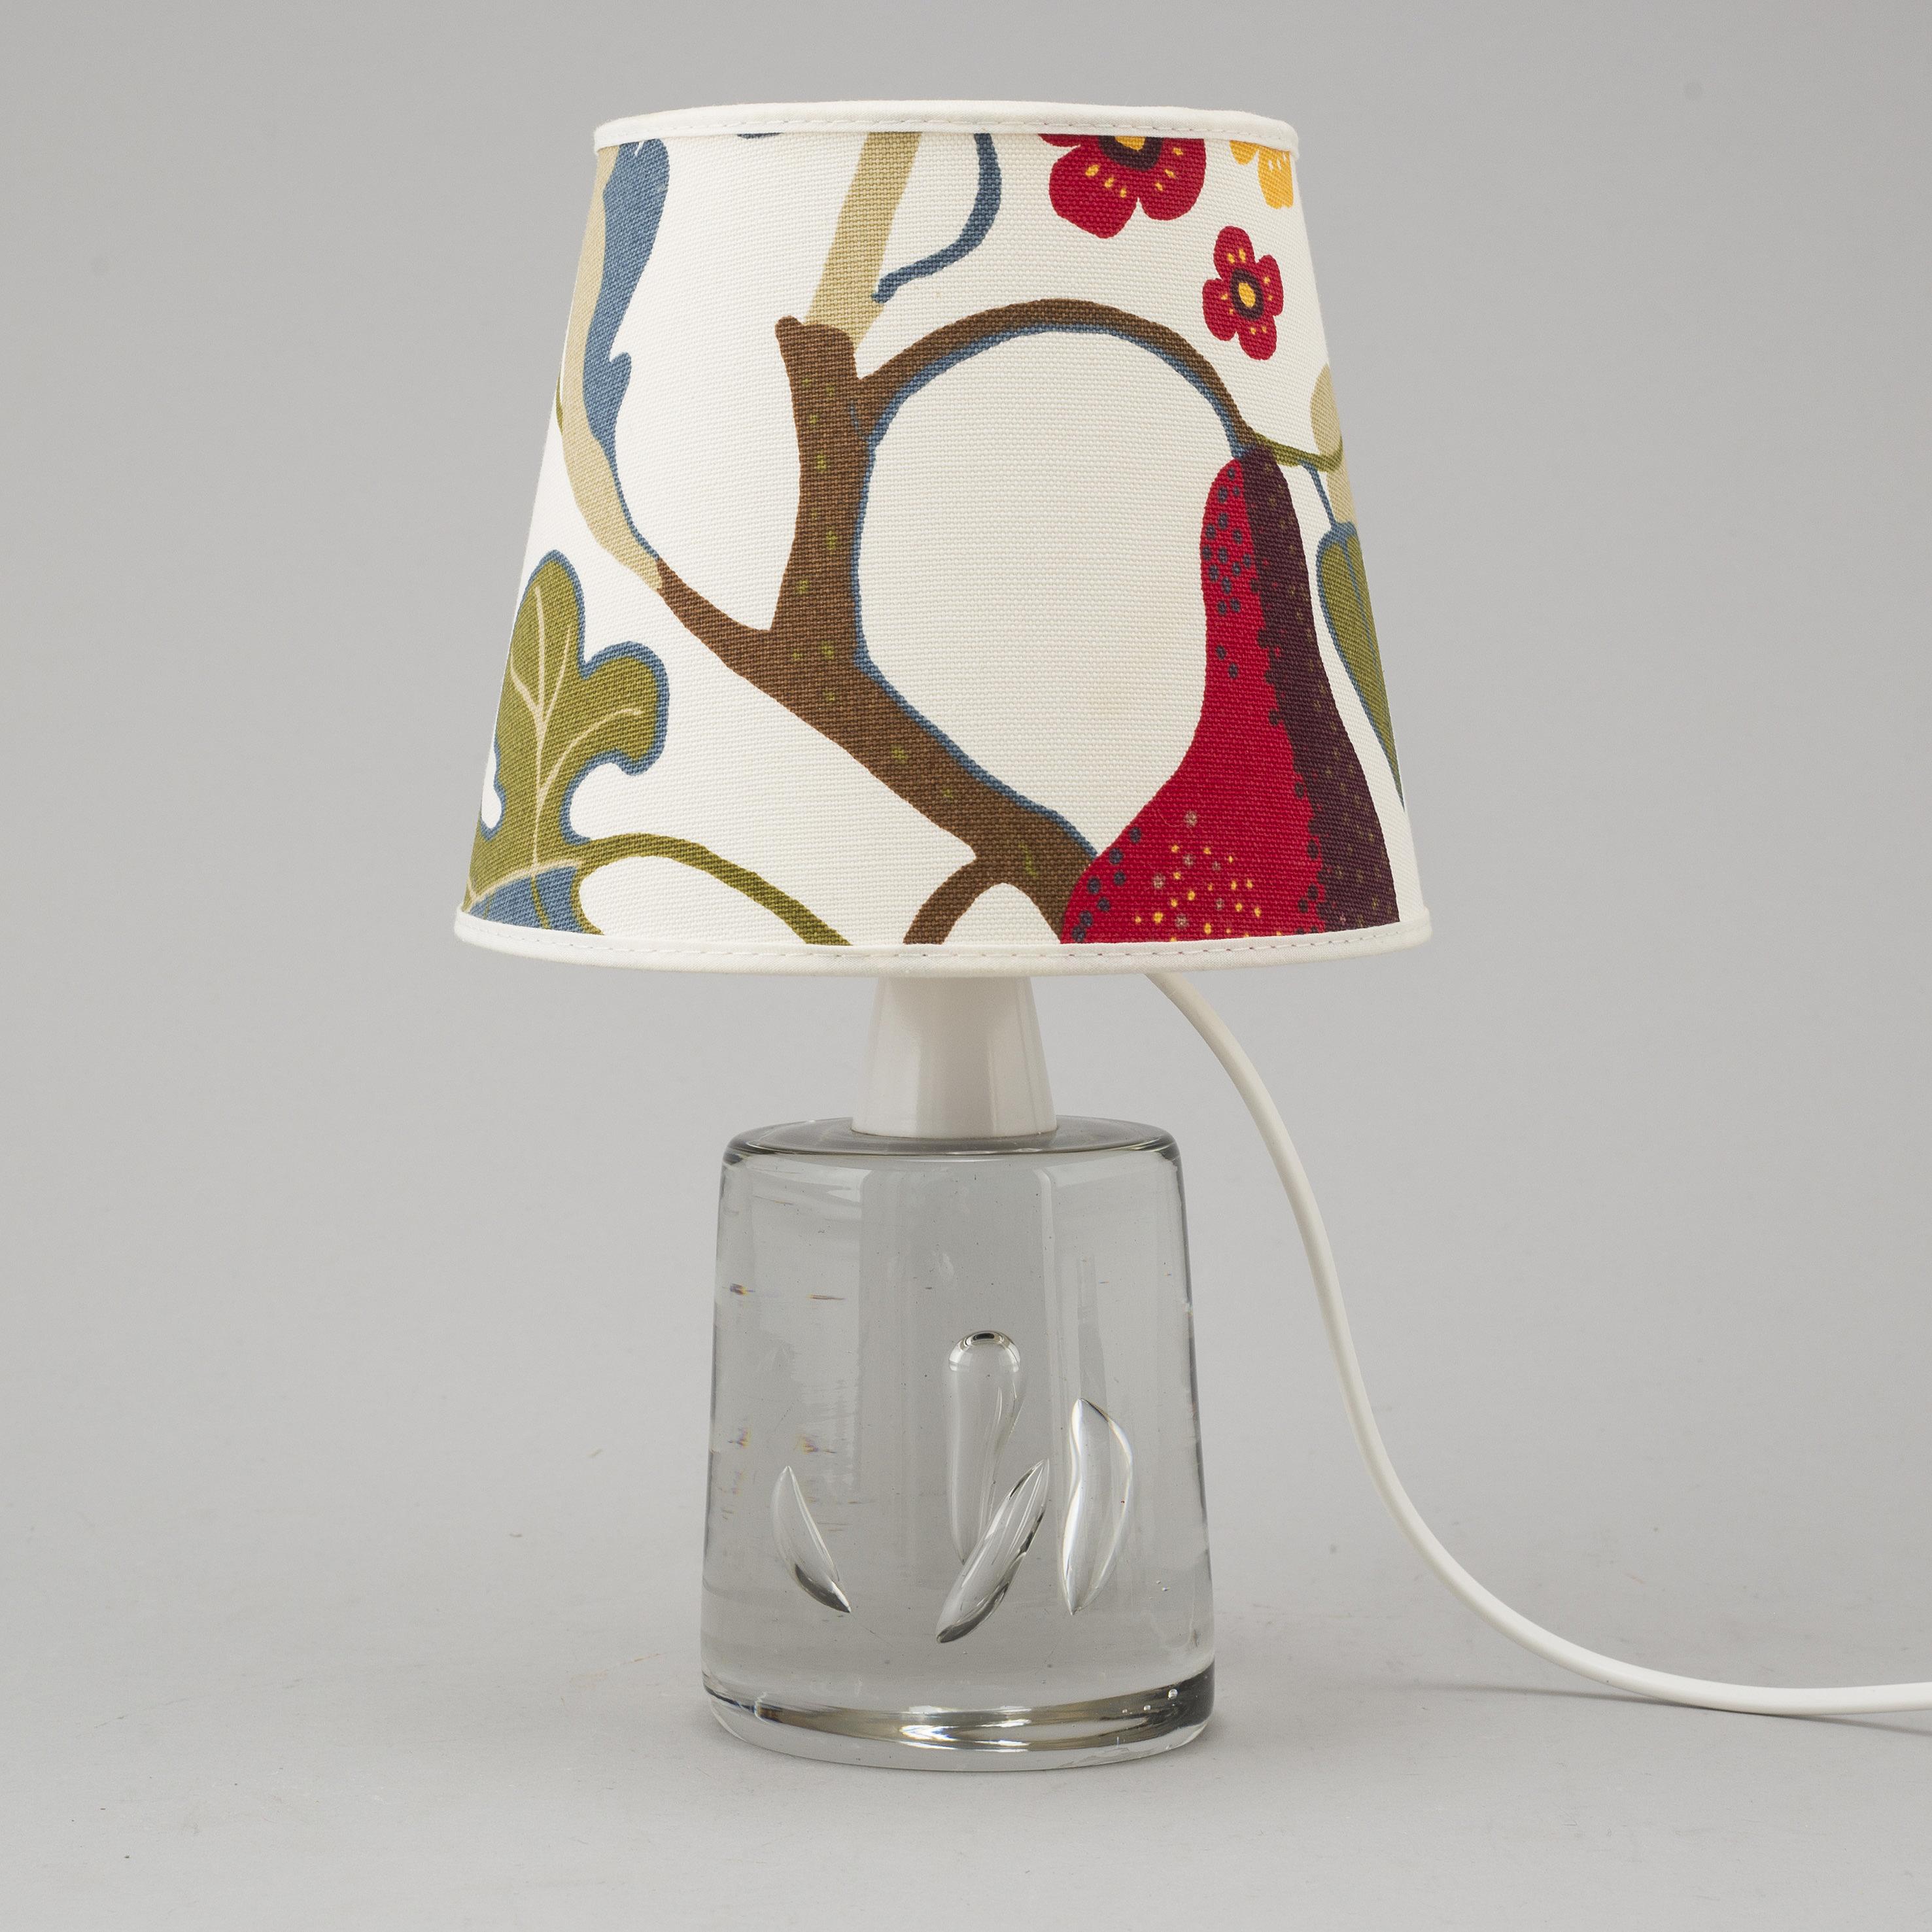 Josef Frank A Model 1819 Glass Table Light From Svenskt Tenn